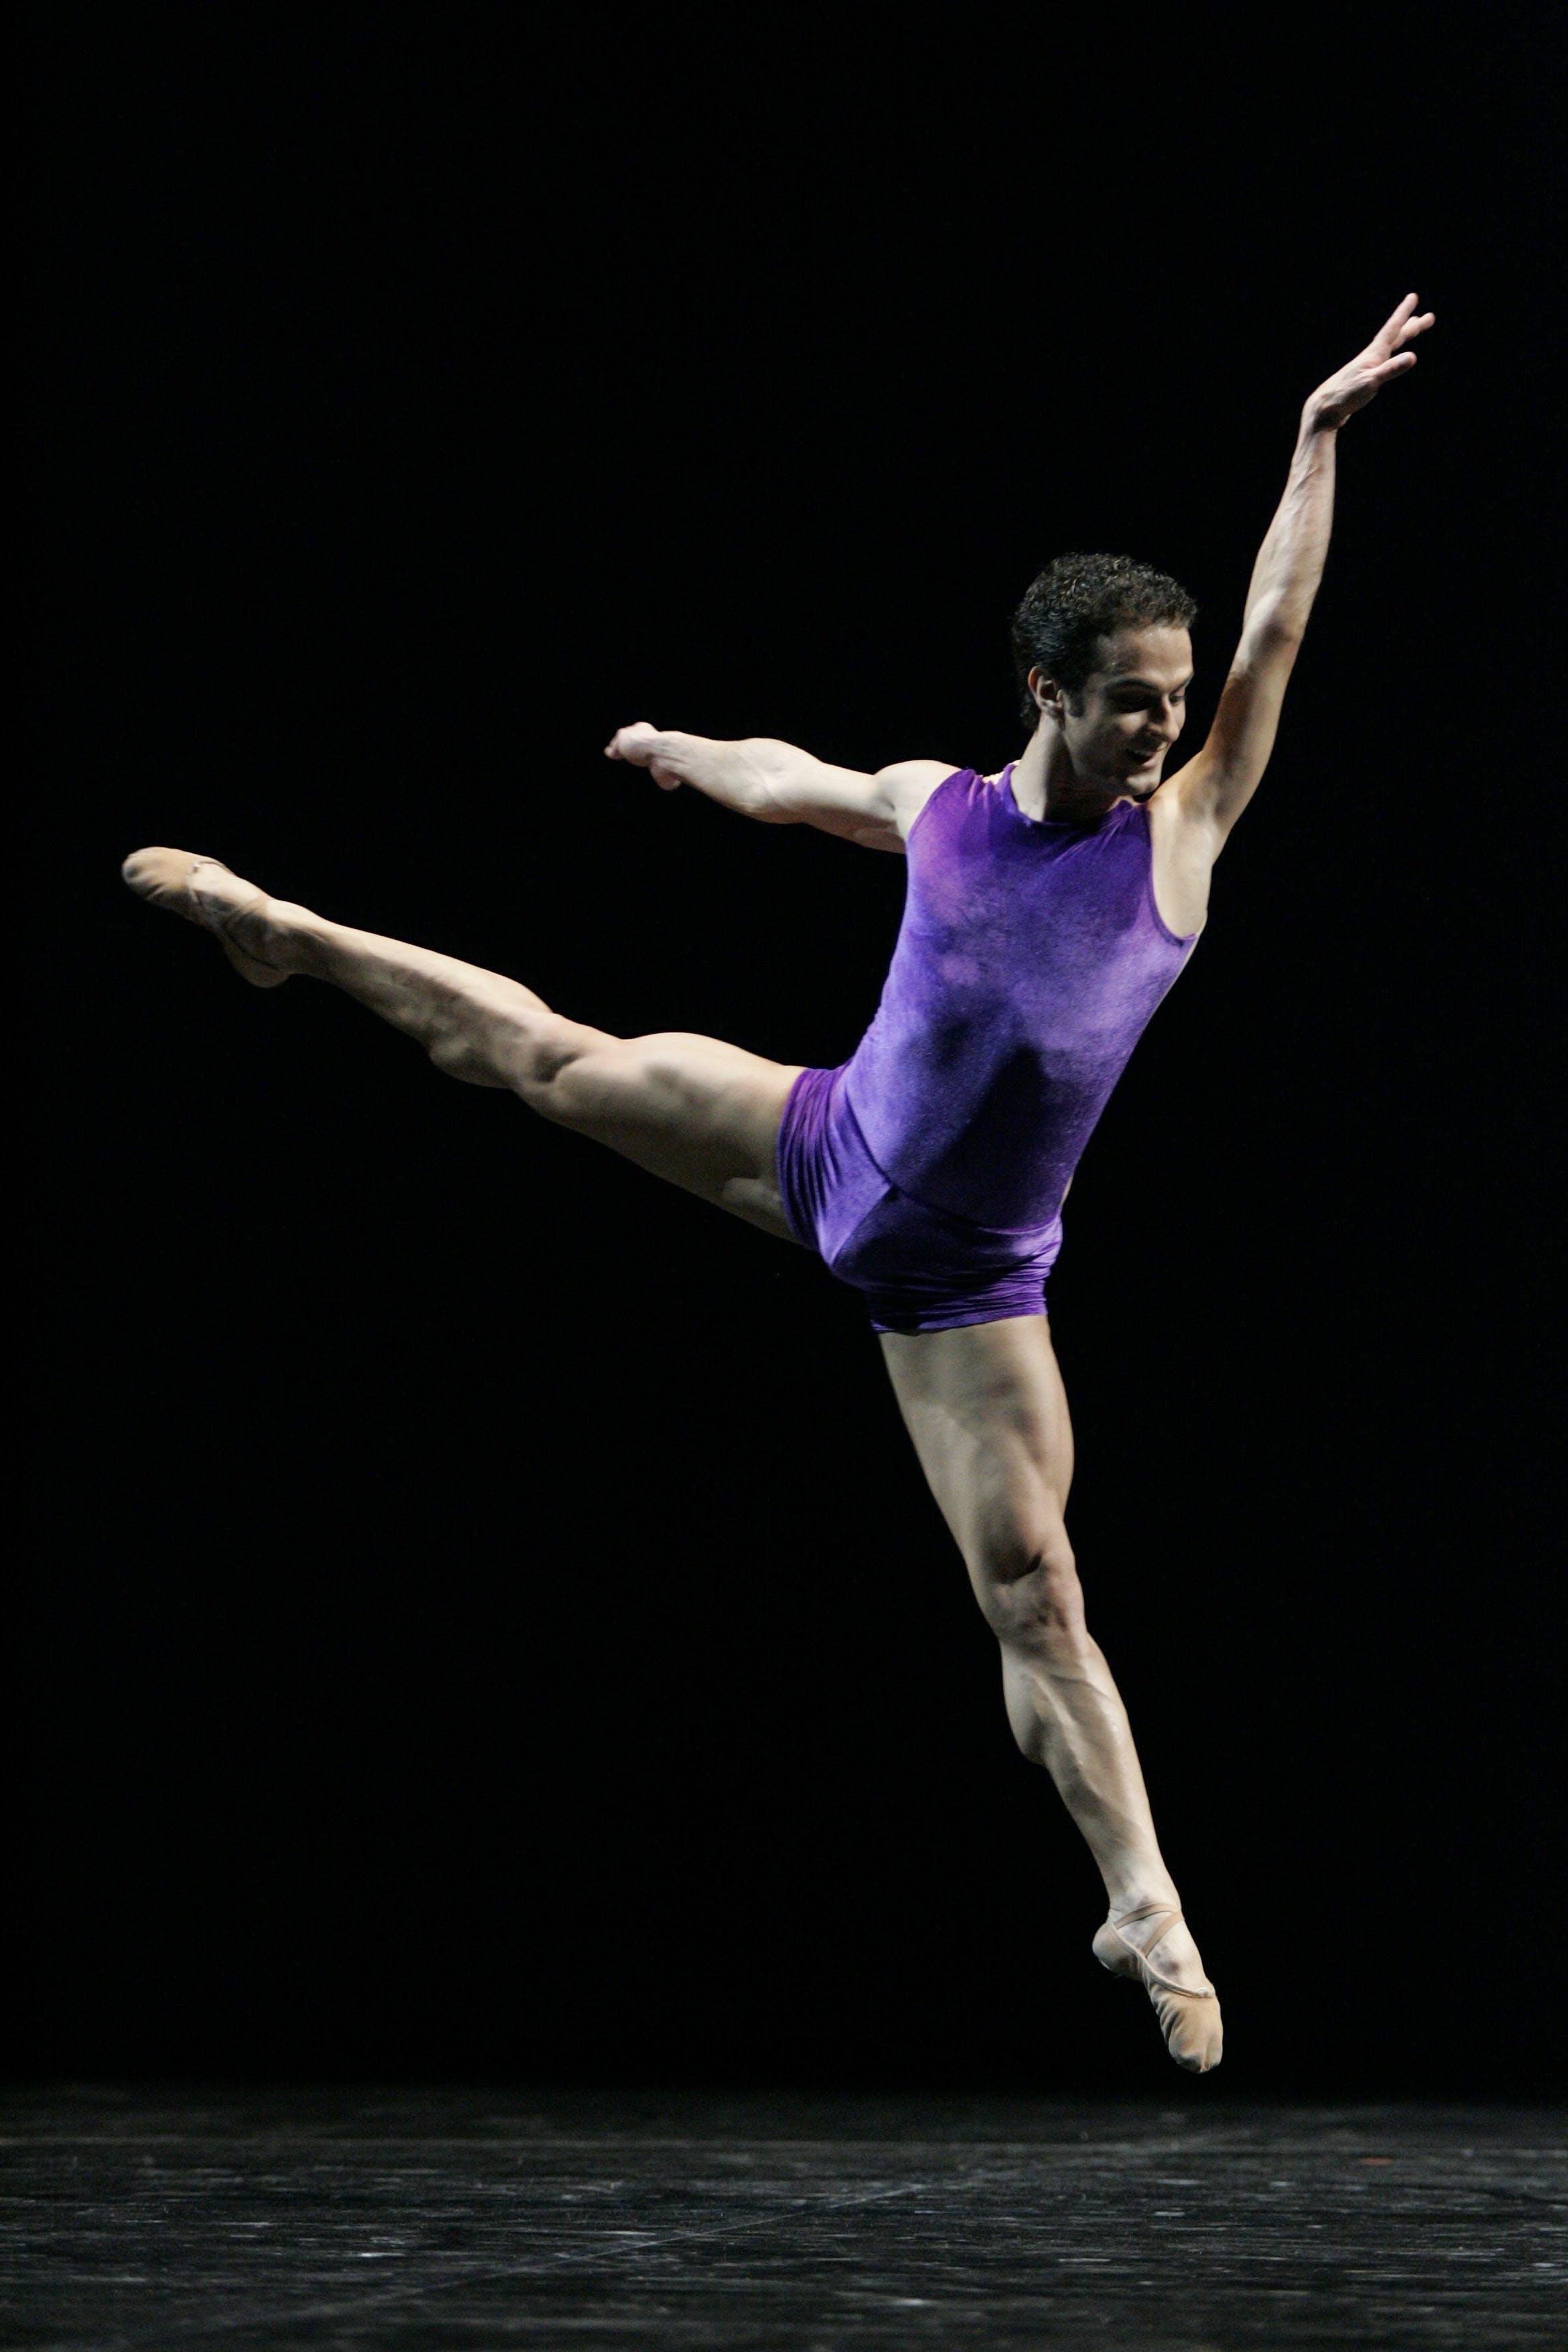 aufführung, auftritt, ballett